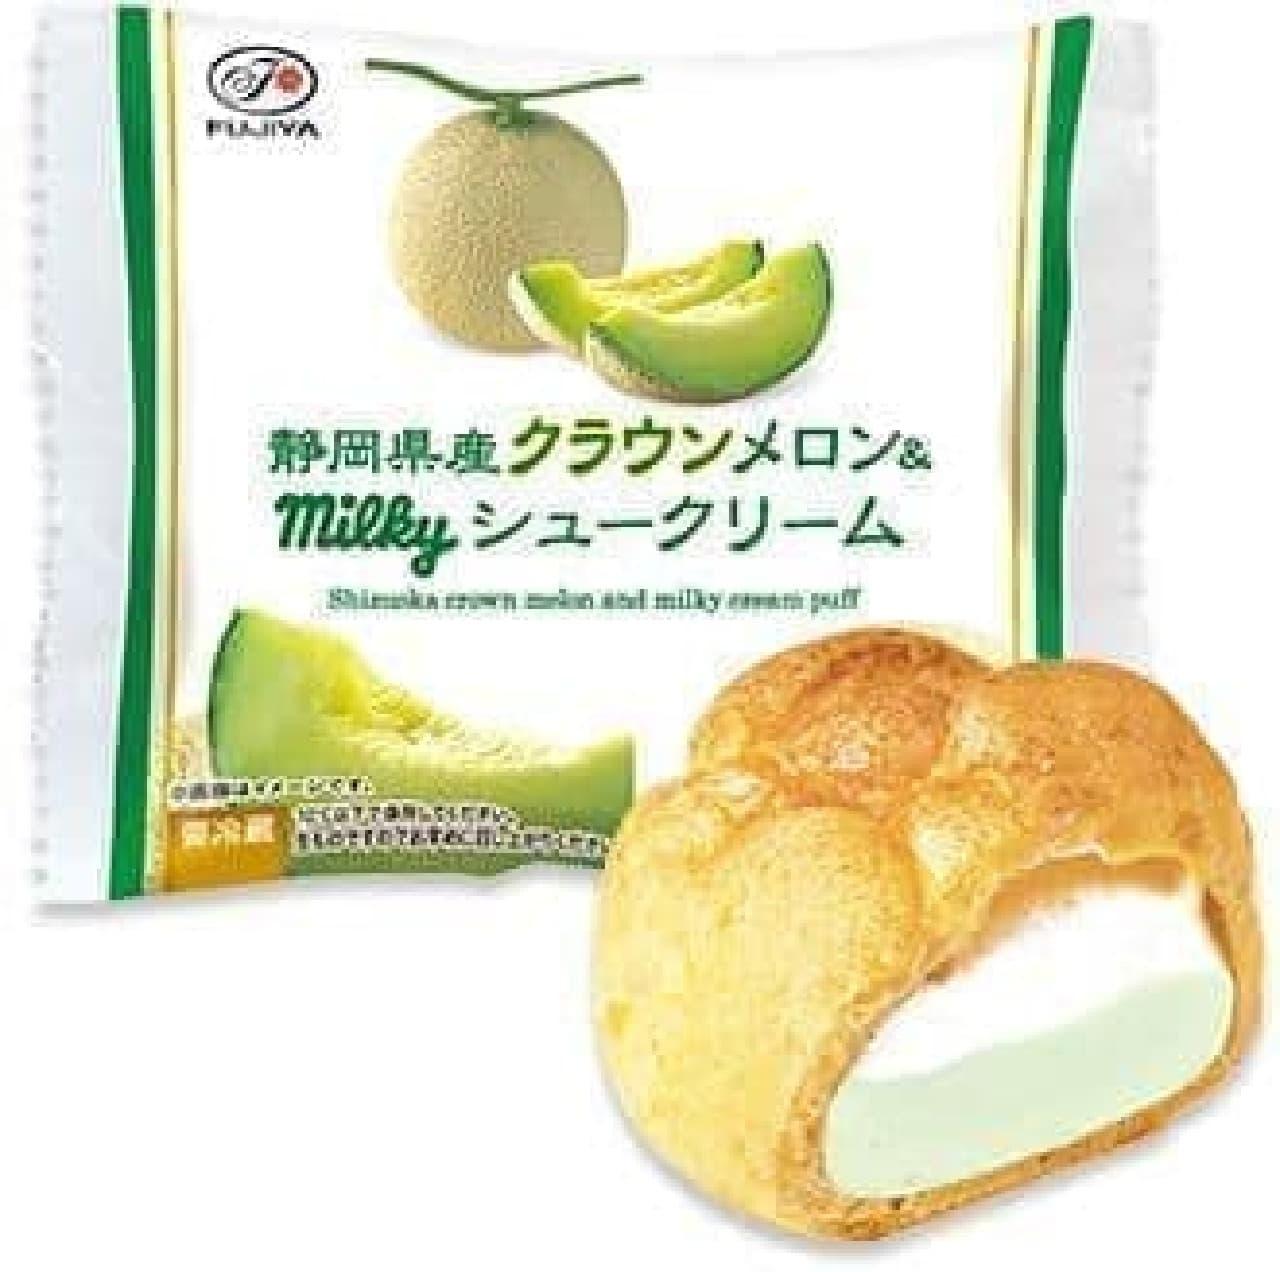 不二家洋菓子店「静岡県産クラウンメロン&ミルキーシュークリーム」